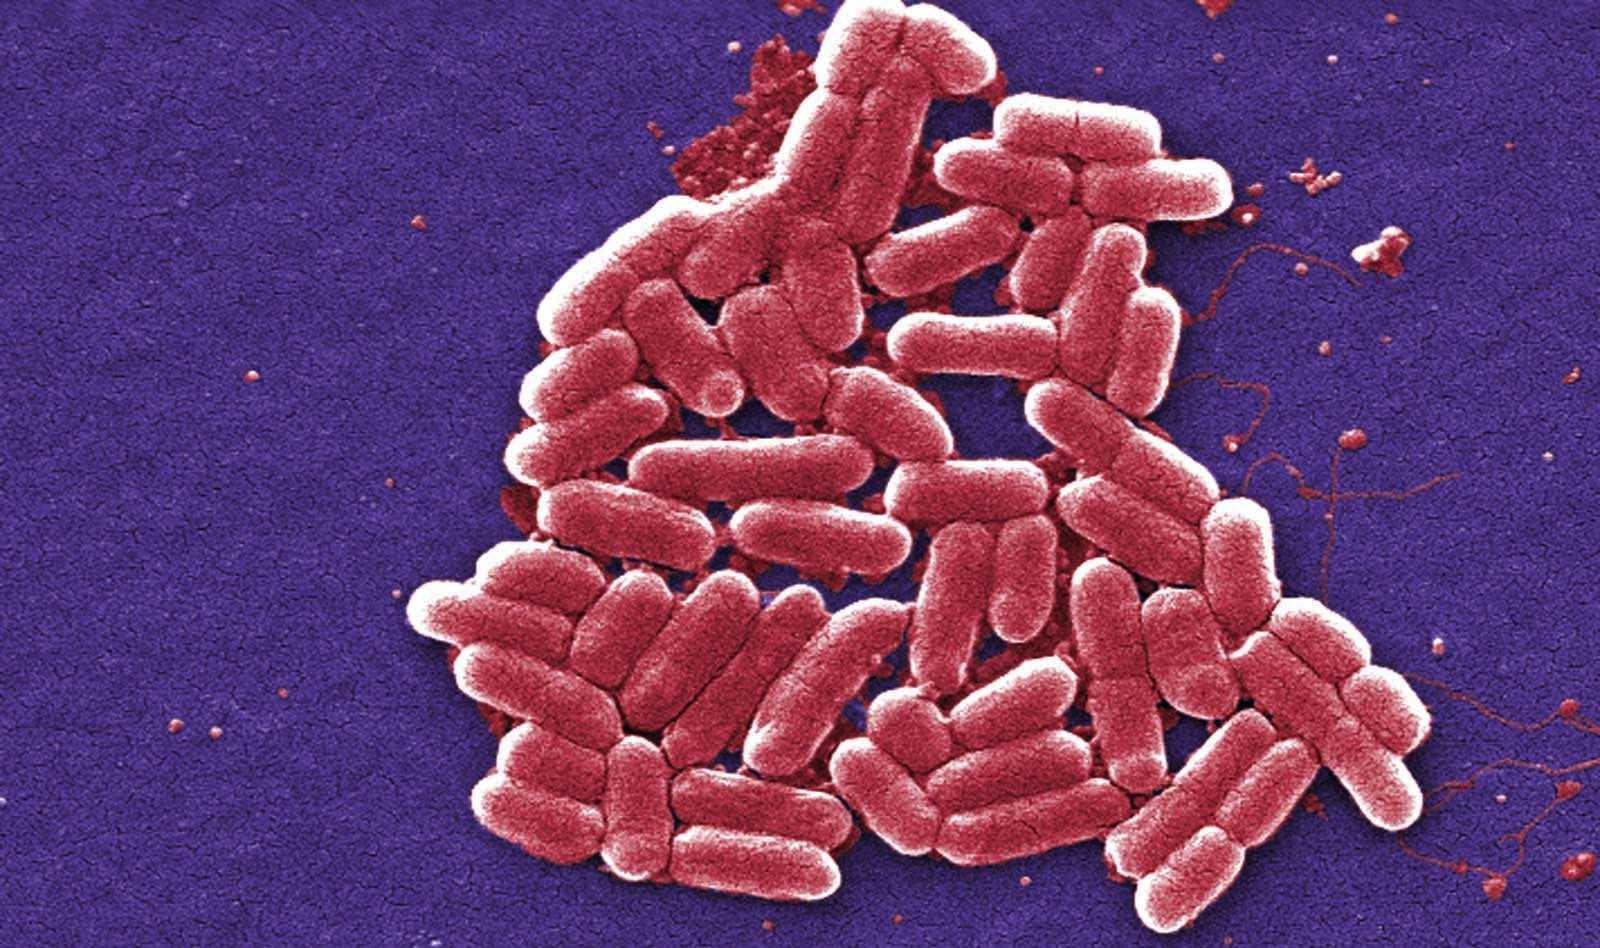 Модифицированные микробы подкармливают противораковые Т-клетки